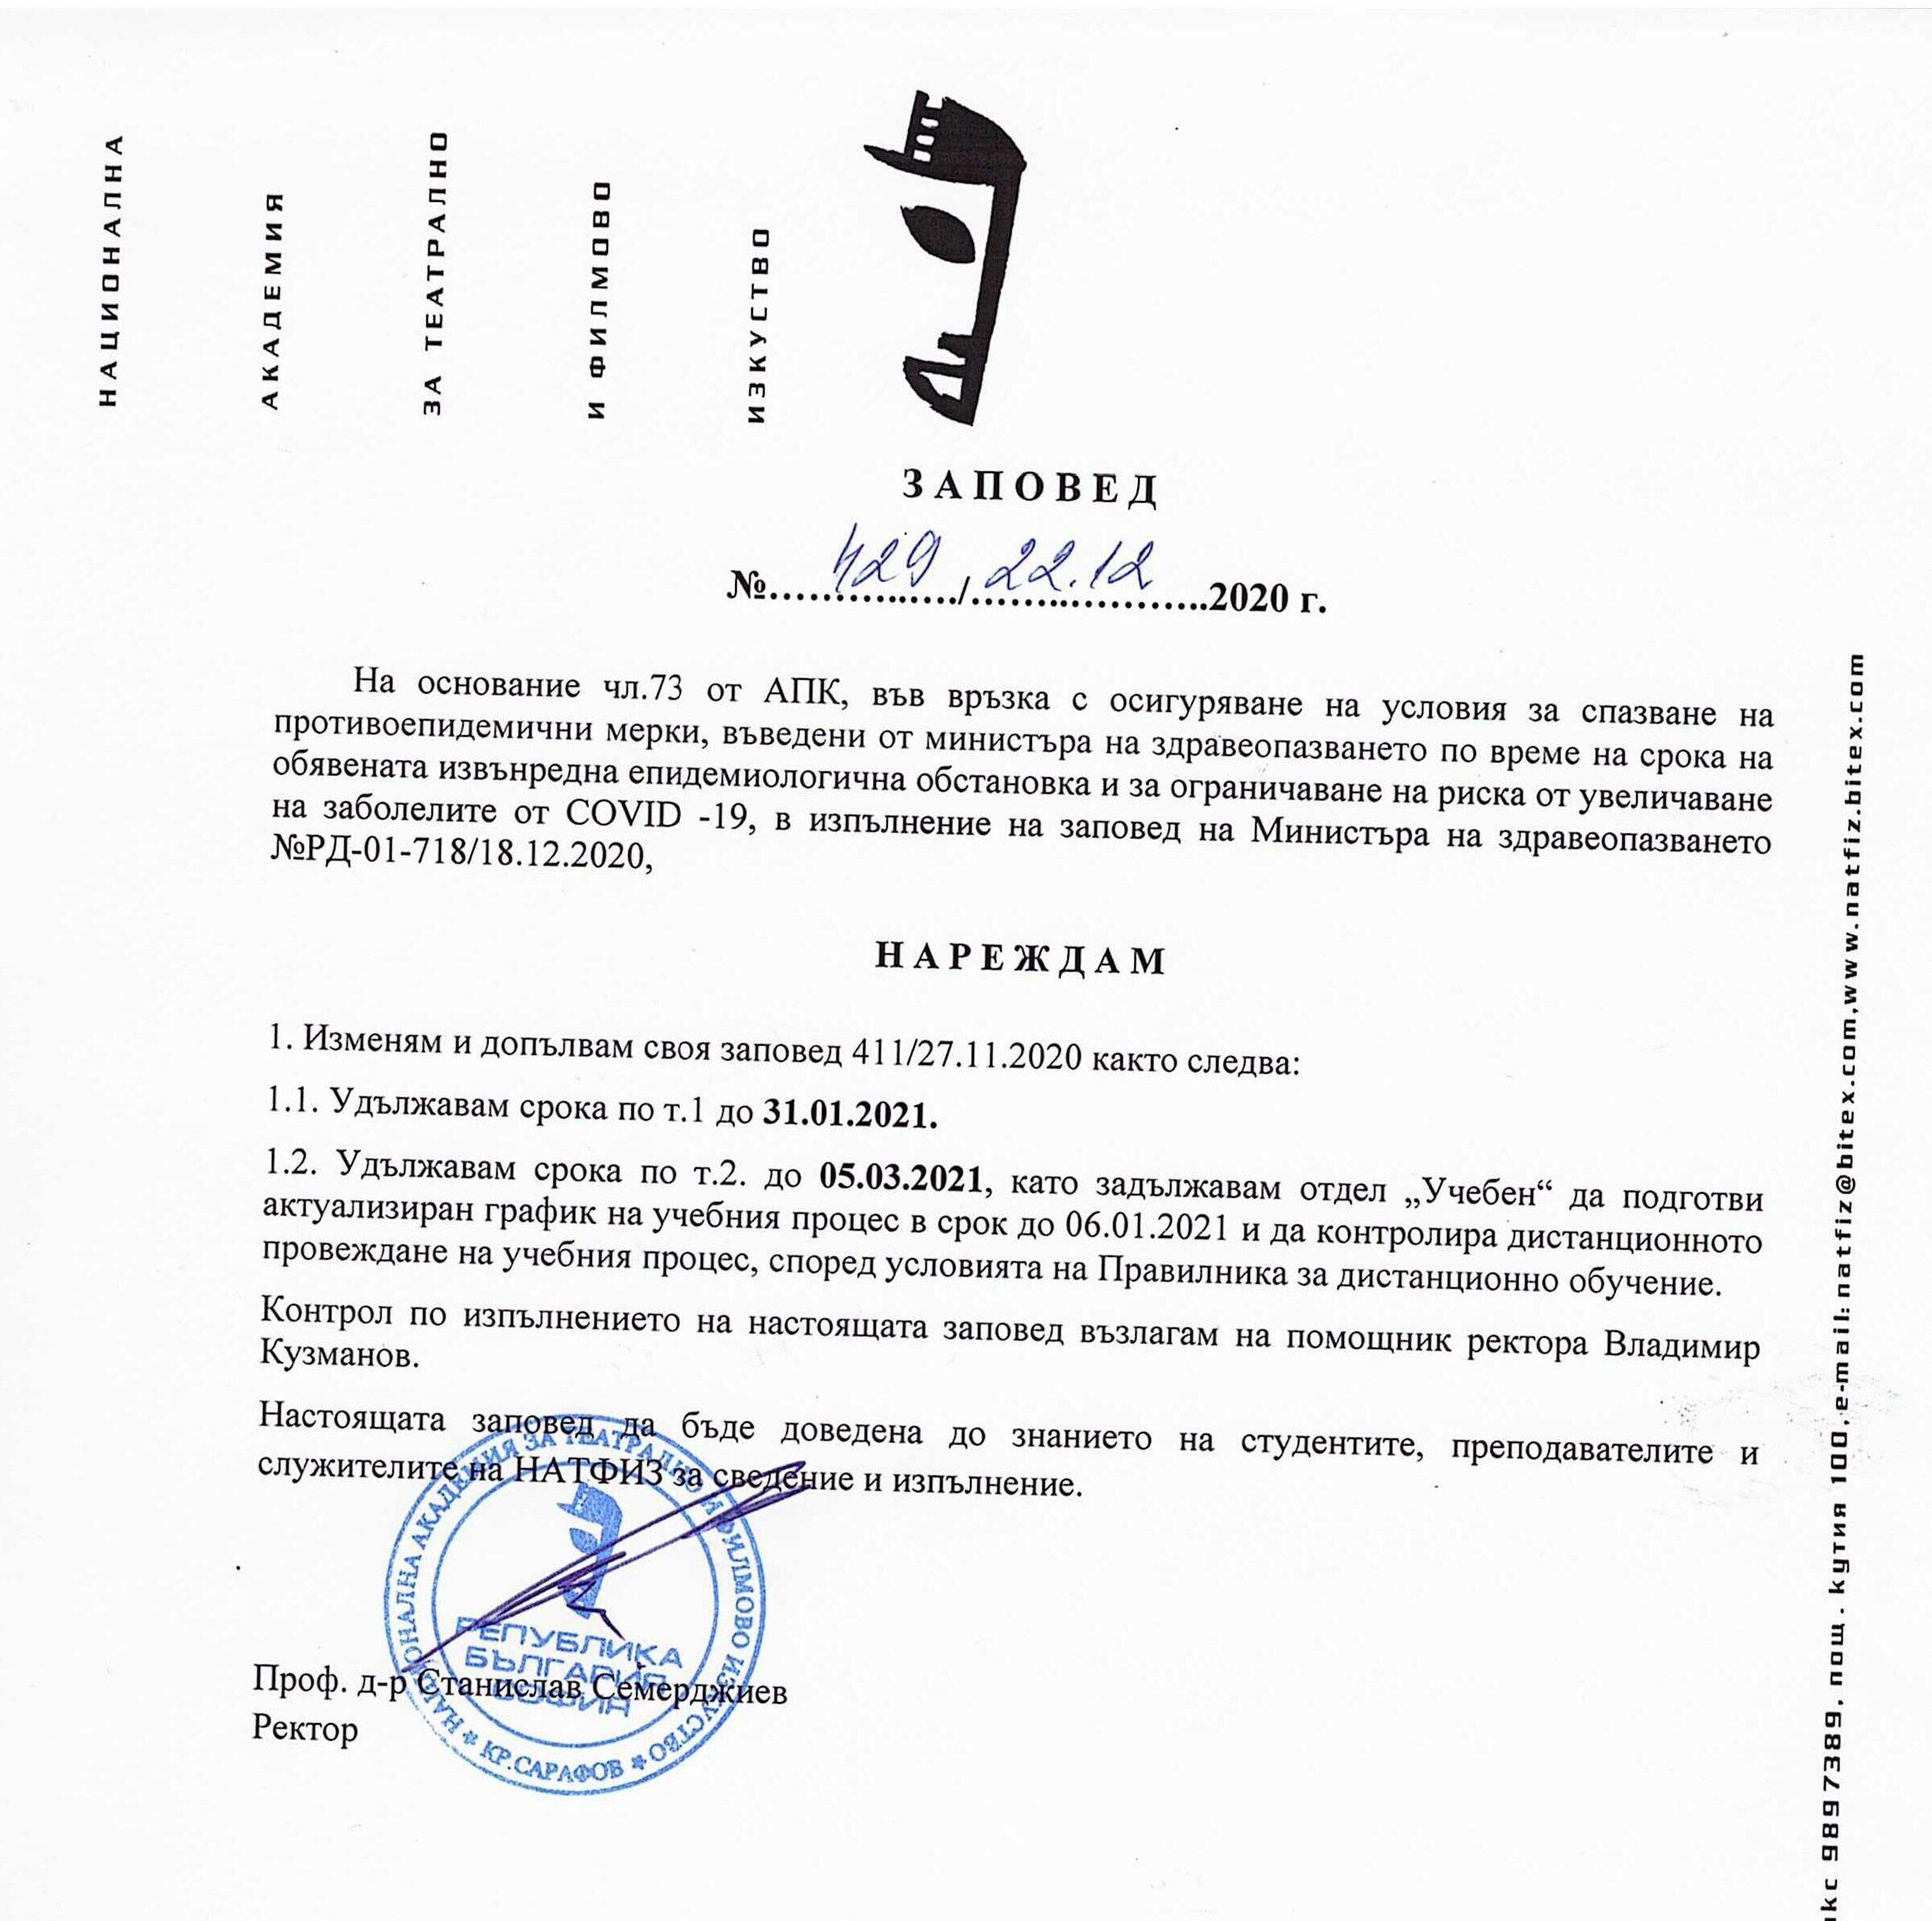 Заповед № 429 / 22.12.2020 г. – във връзка с Covid-19